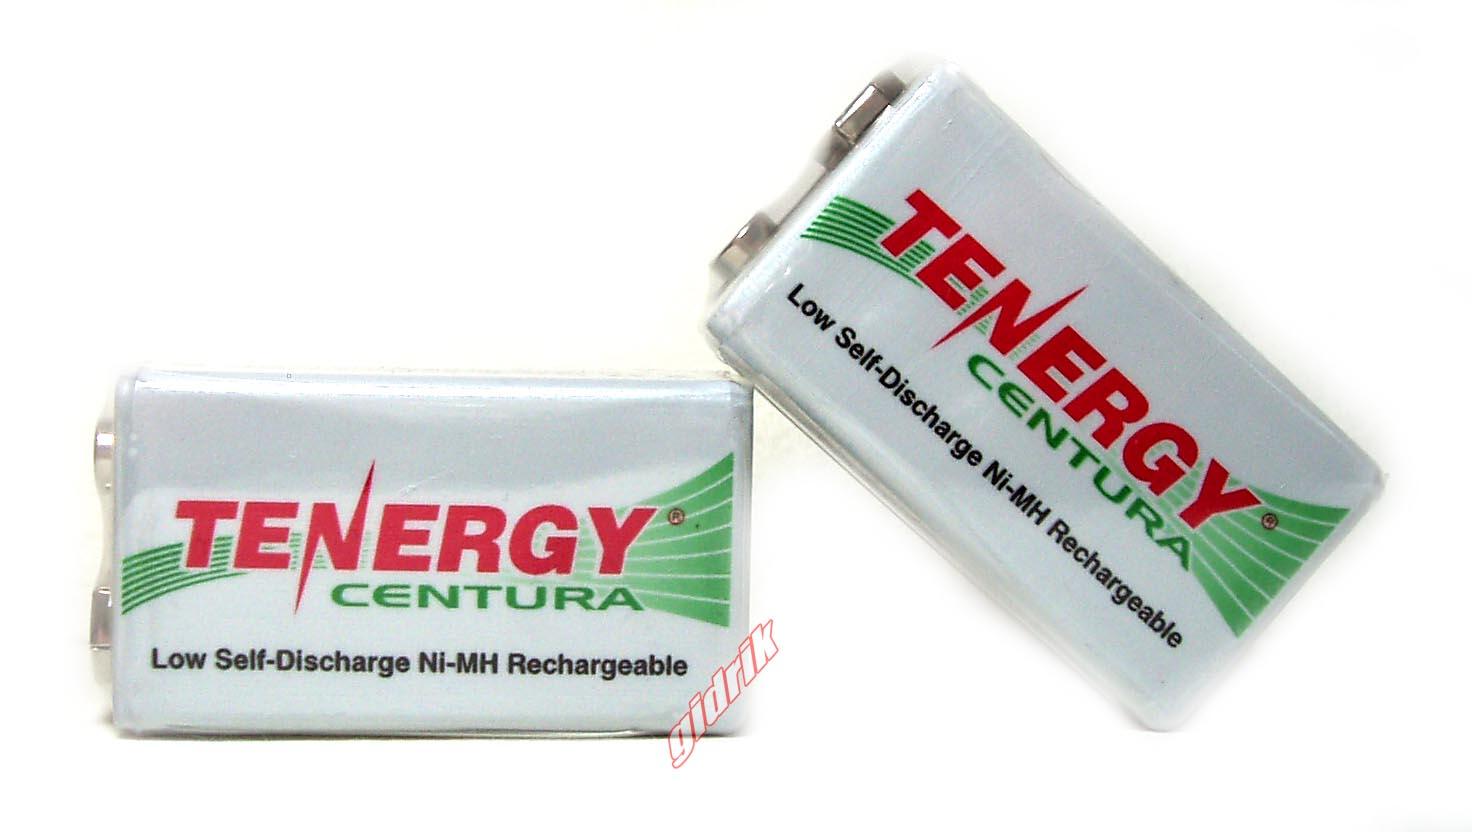 Аккумуляторы Tenergy Centura LSD Крона 9V 200 mAh.